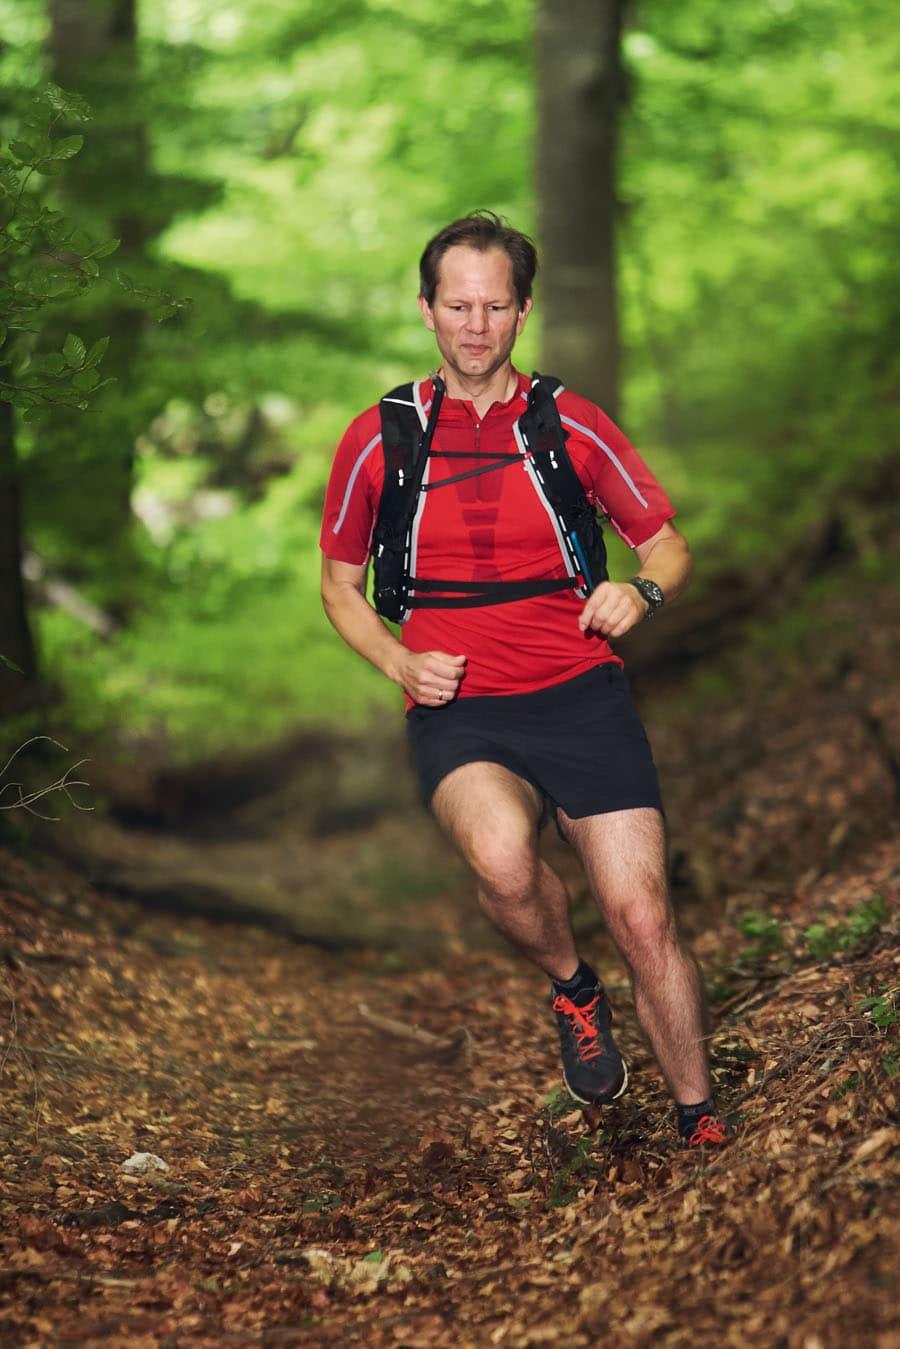 Chronos-Redakteur Jens Koch arbeitet seit 2001 für das Magazin. Wenn er keine Uhren testet, taucht er oder läuft durch den Wald.